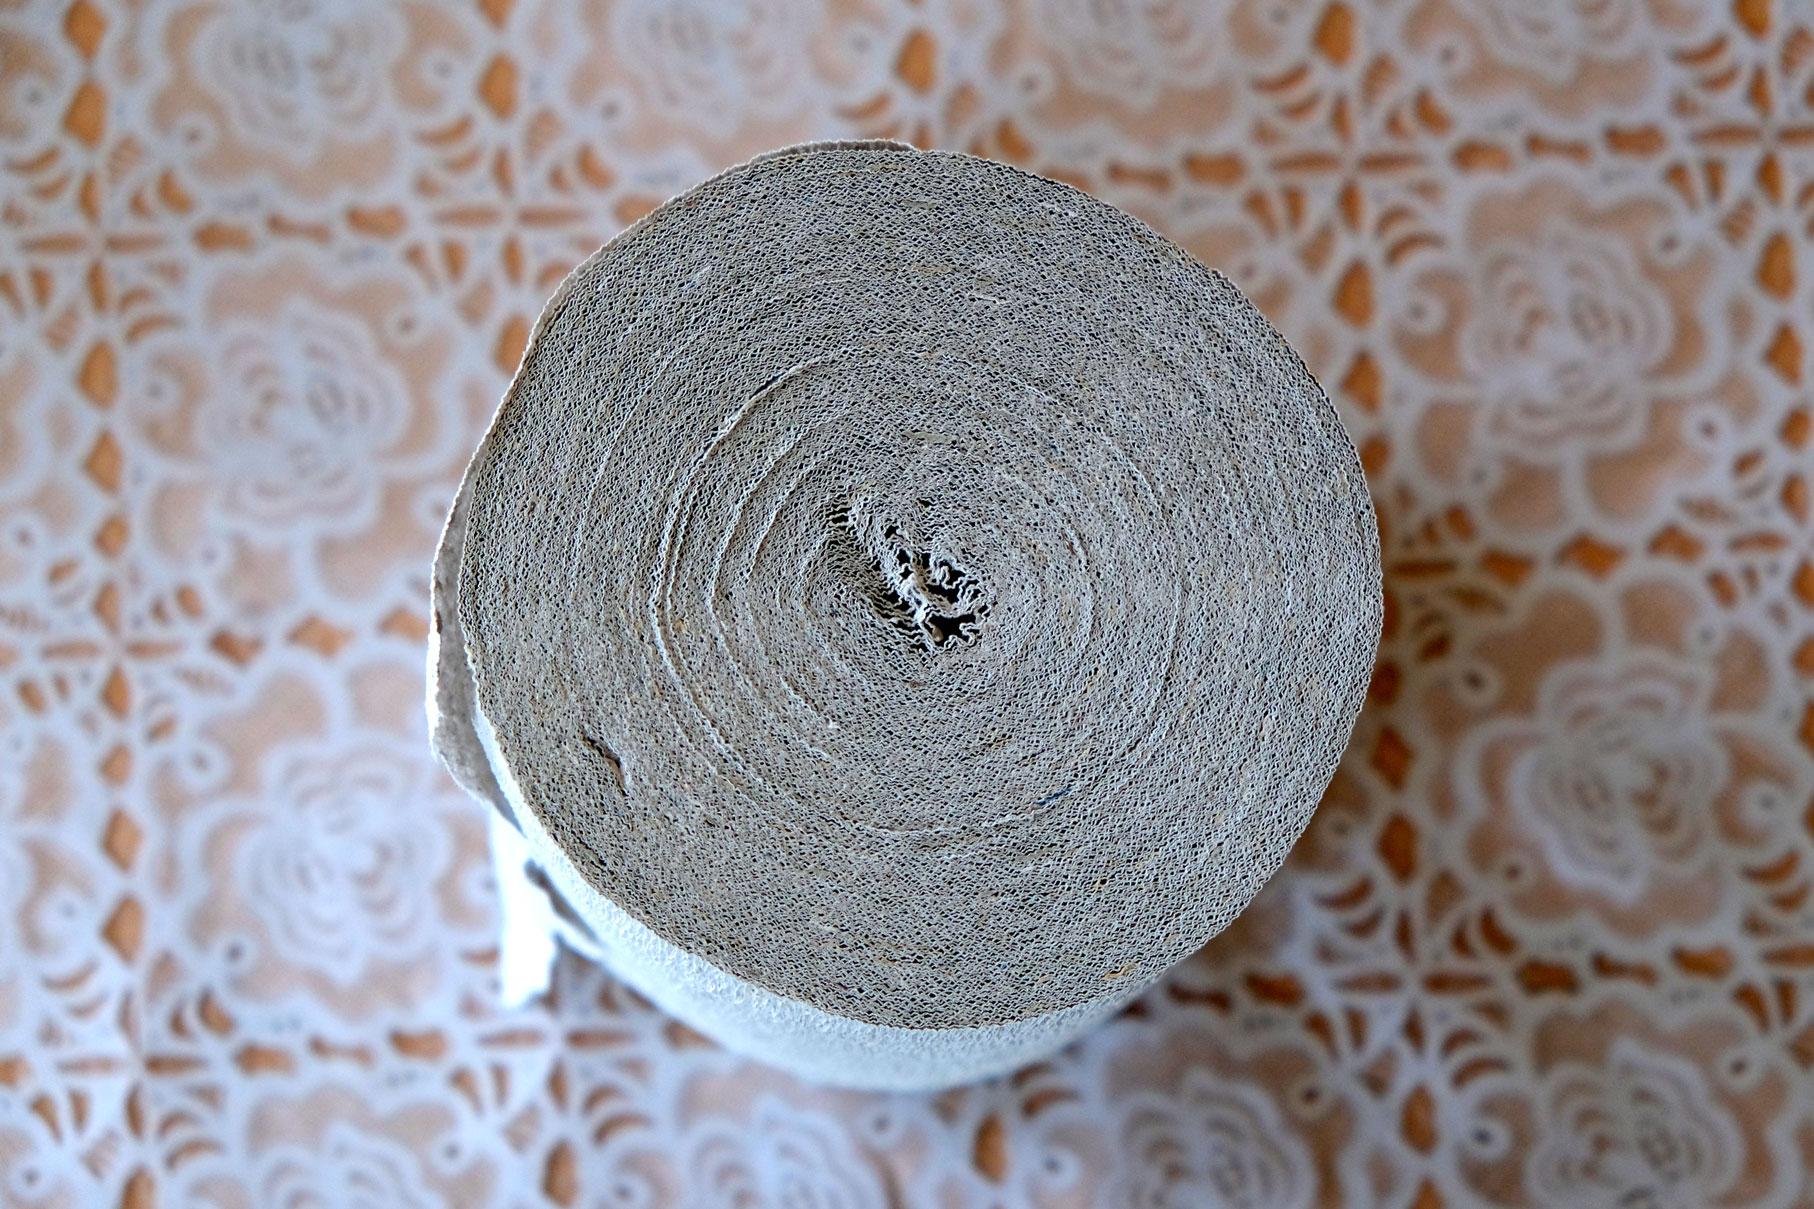 Kurioserweise wird das Papier oft bis zur Mitte gerollt - auf die Papprolle im Innern wird verzichtet.